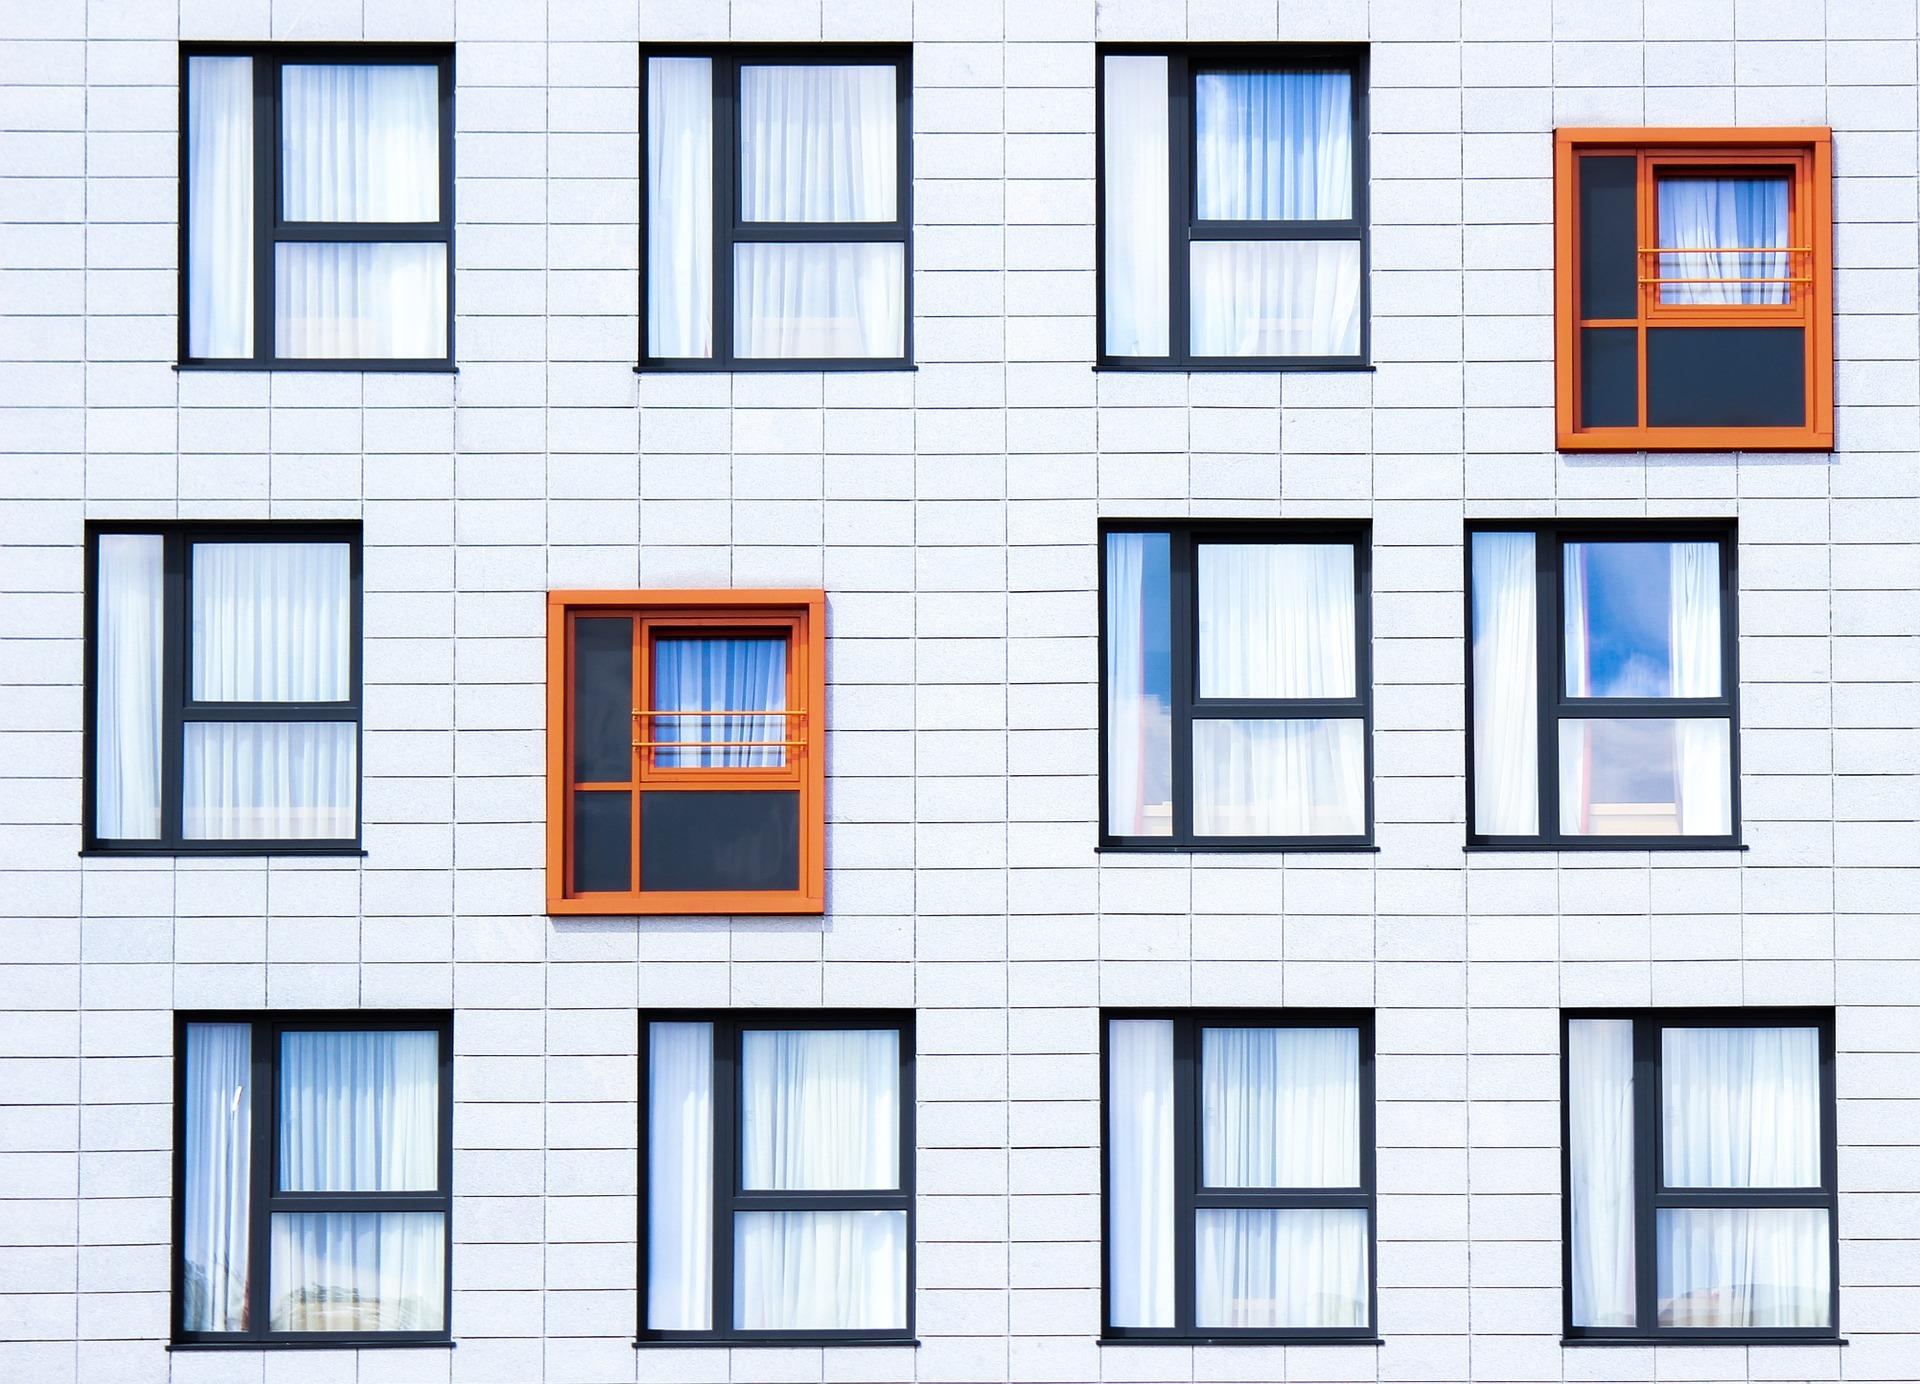 Wohnungseigentumsrecht: Kein Aufwendungsersatz für Fenstertausch durch Wohnungseigentümer